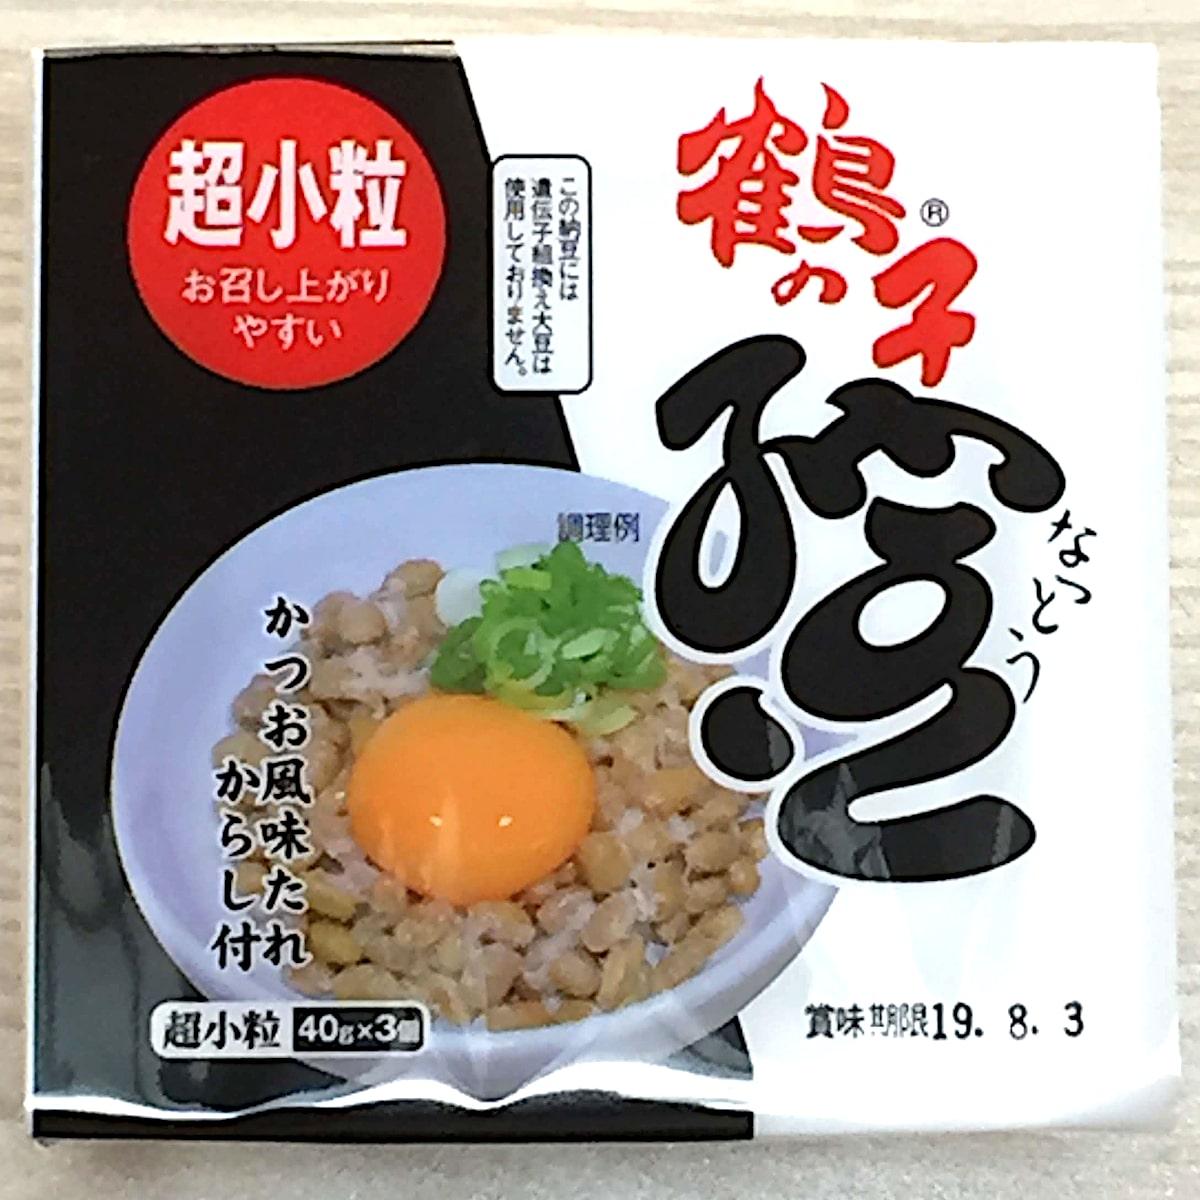 高橋食品工業「超小粒鶴の子納豆」